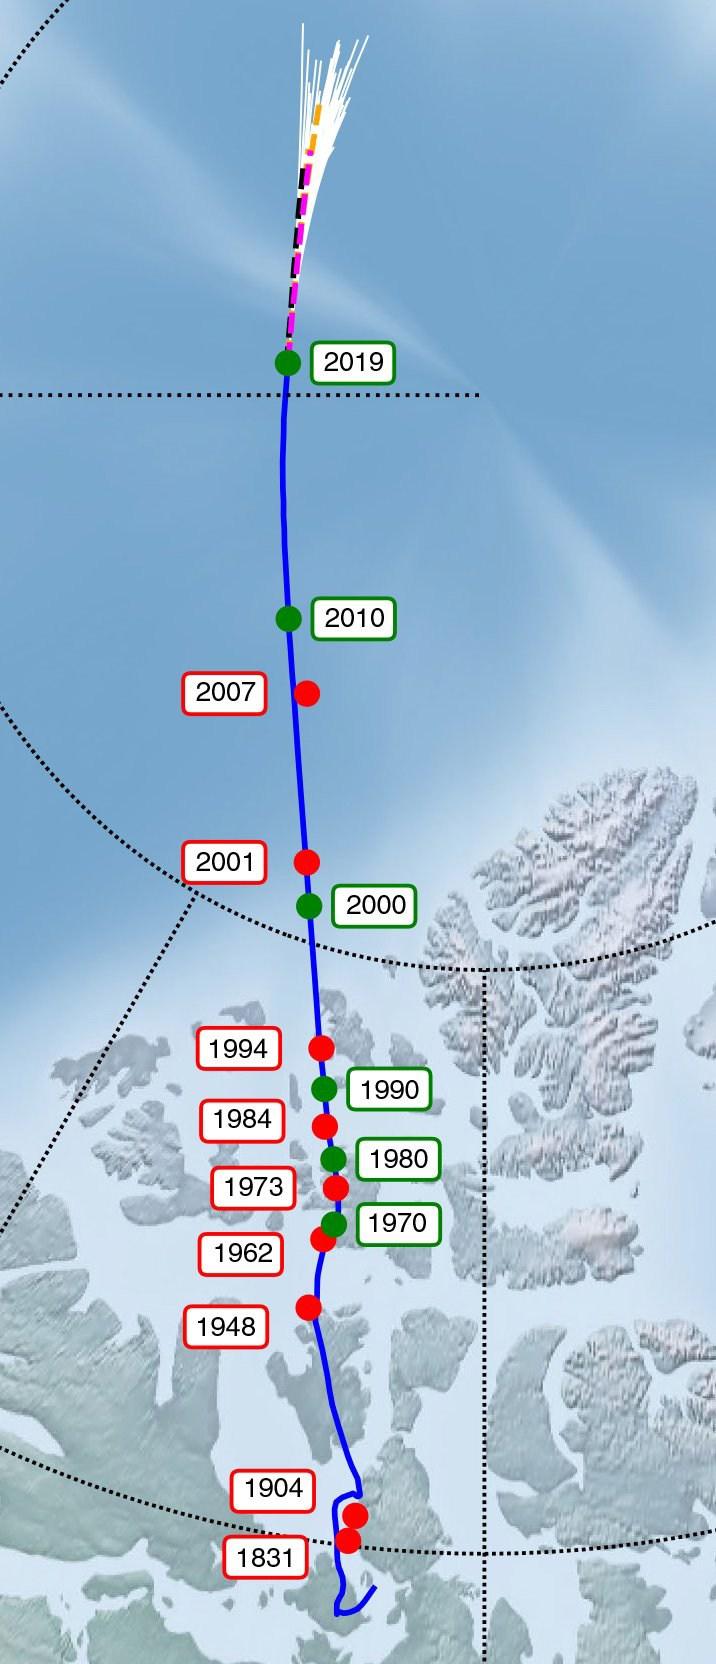 Rastreamento do movimento do pólo norte magnético em direção à Sibéria (Livermore et al., Nature Geoscience , 2020)